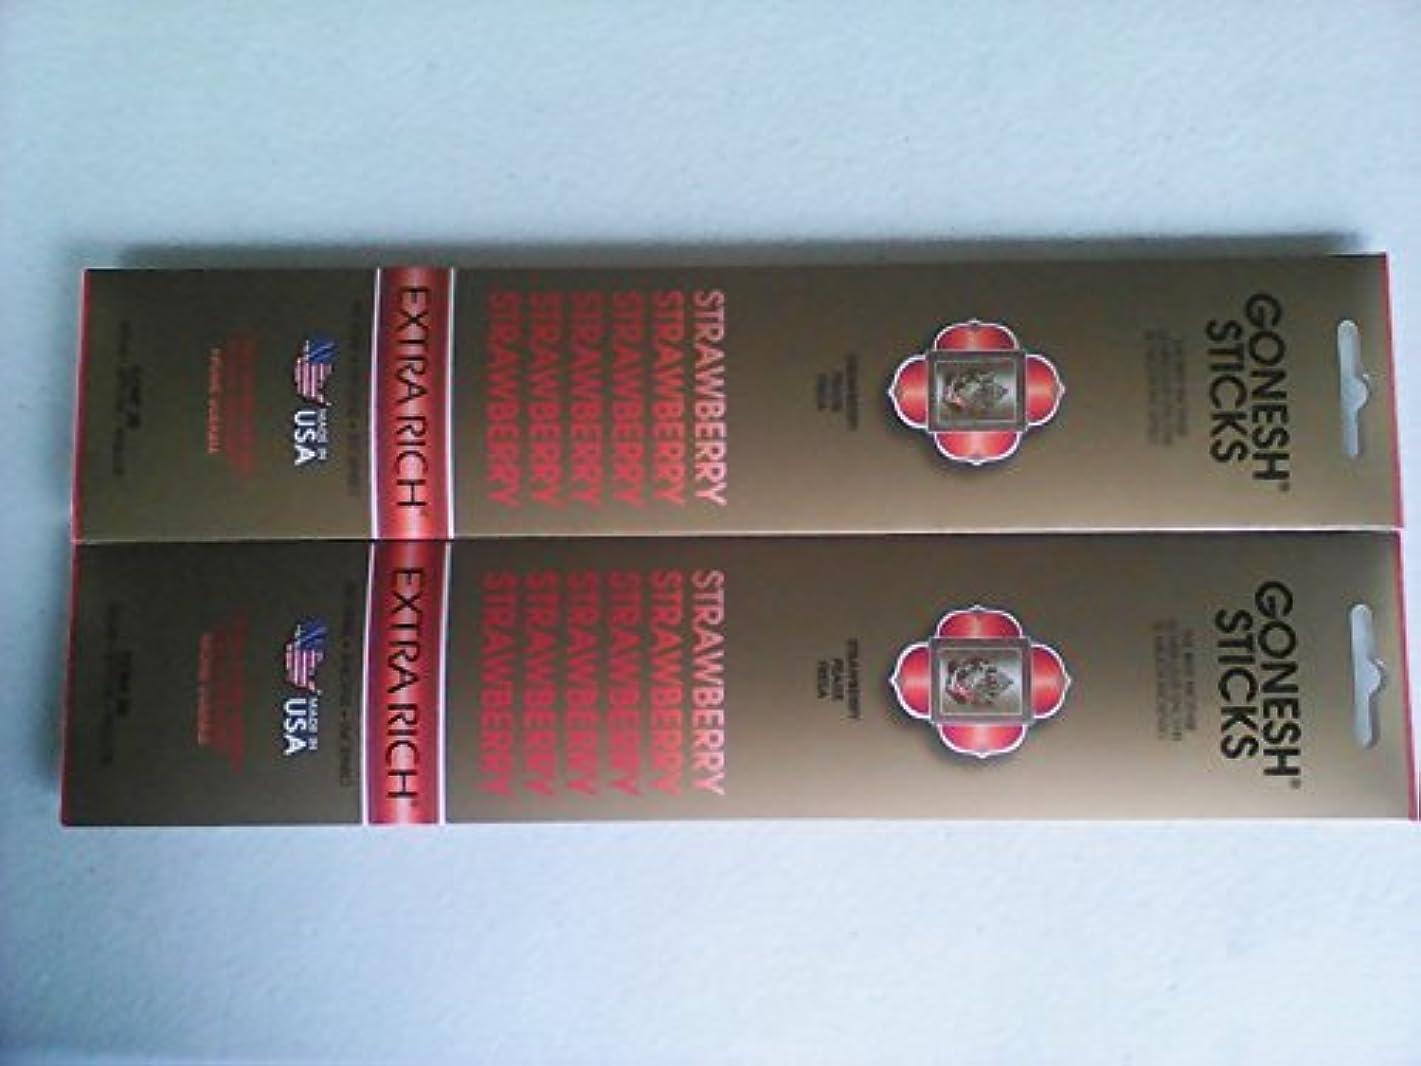 マート関連付けるキノコGonesh 20803 Strawberry Incense Sticks 20 Count ( Pack of 2 )